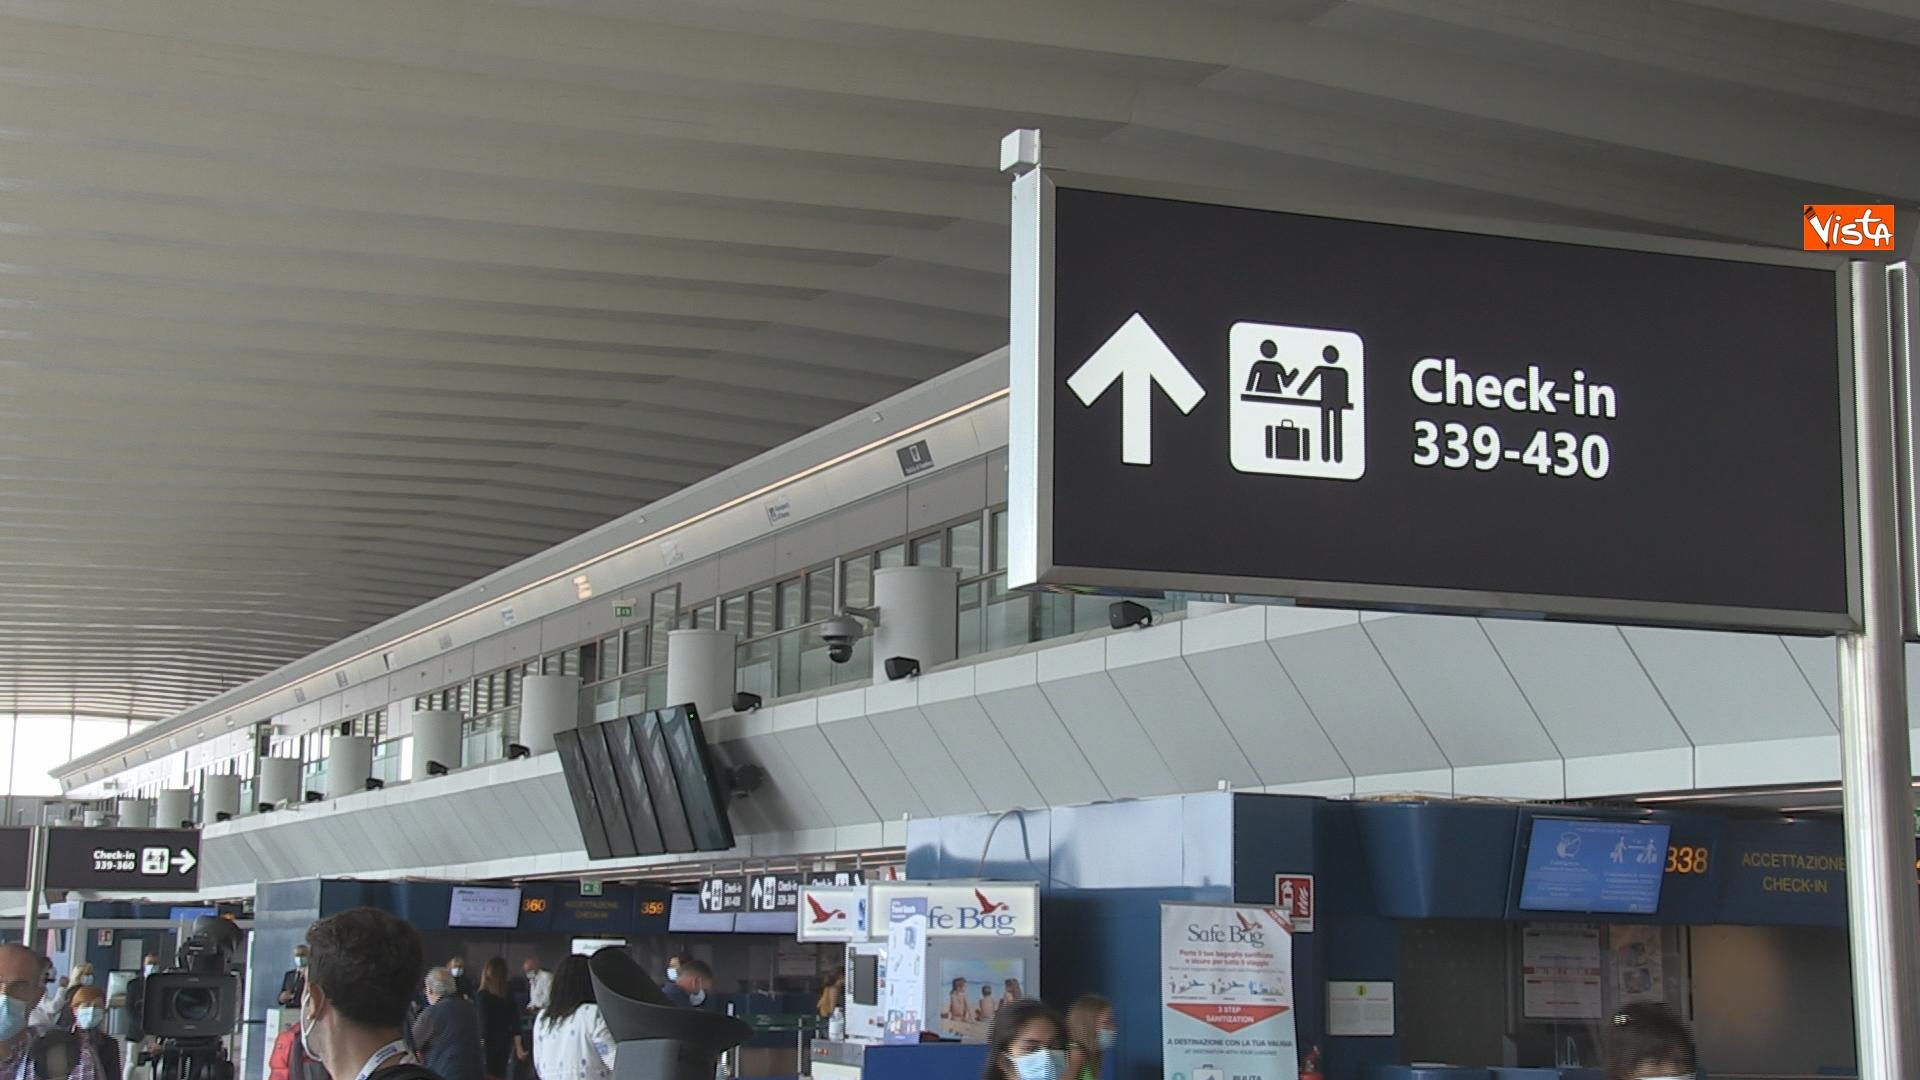 La sala d'entrata dell'aeroporto di Fiumicino con le indicazioni per i check in.